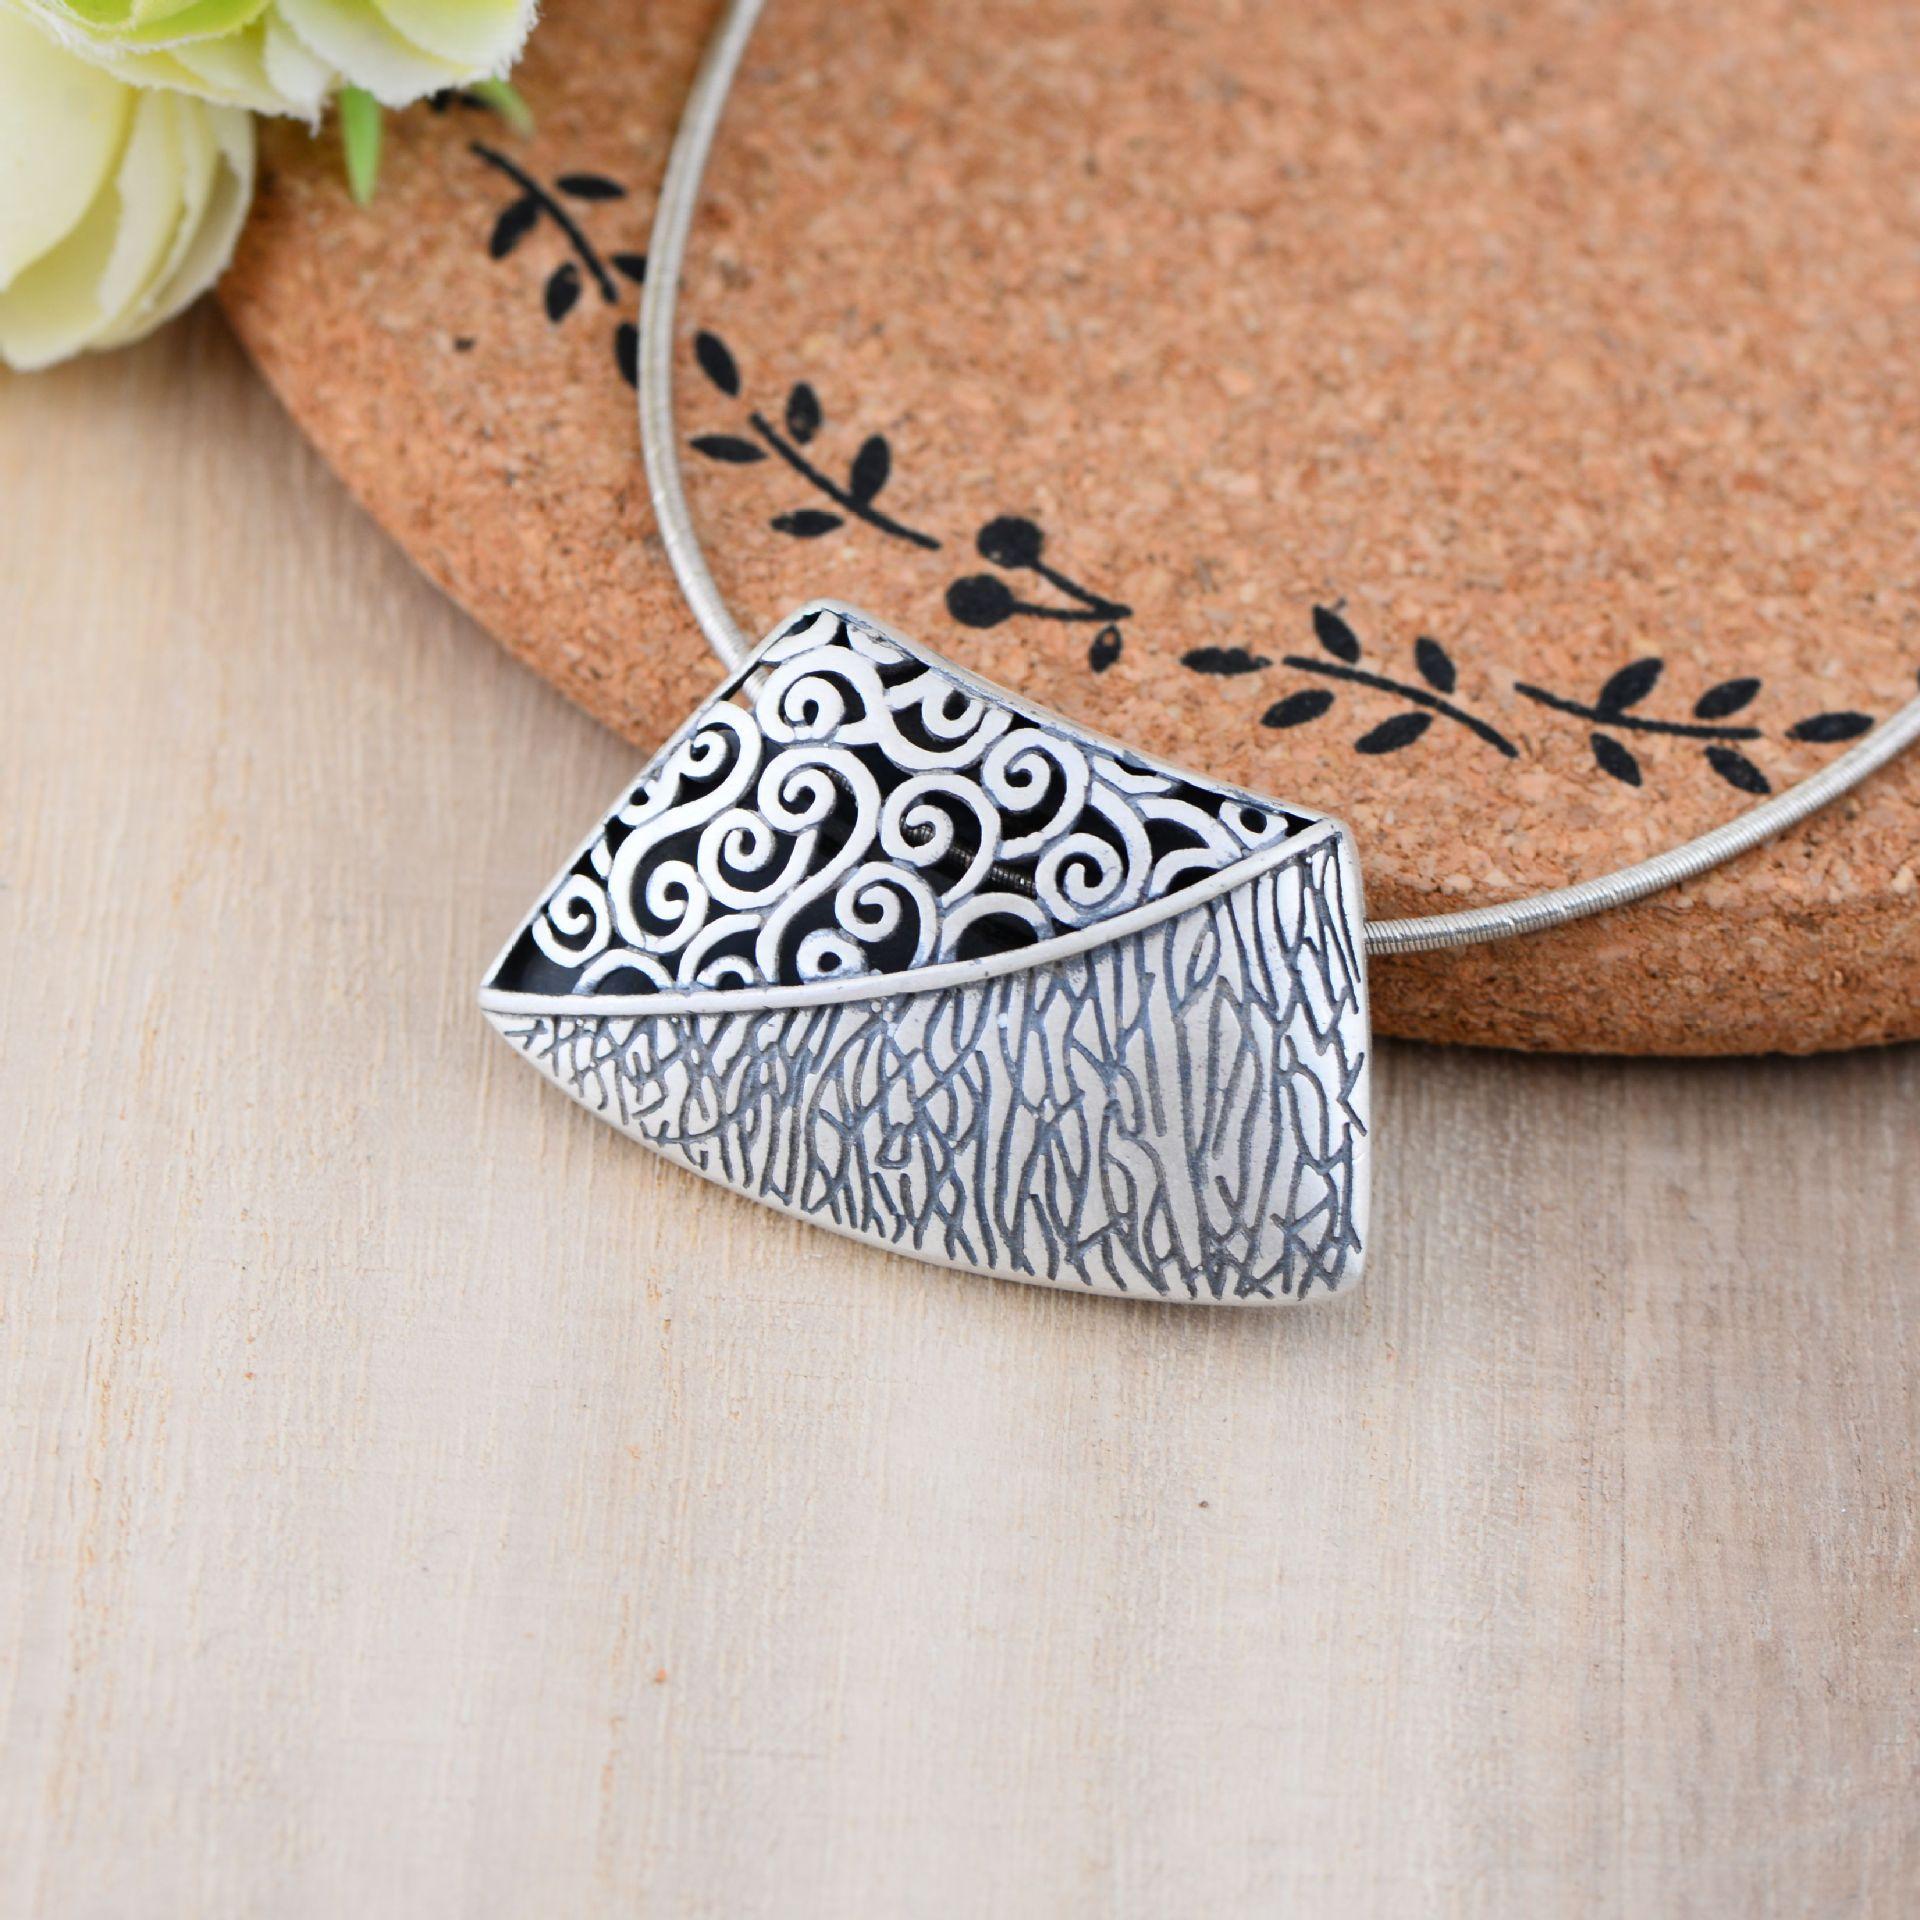 925 pendentif en argent Sterling rétro sac à main collier pour les femmes Thai argent bijoux fins cadeau CH046872